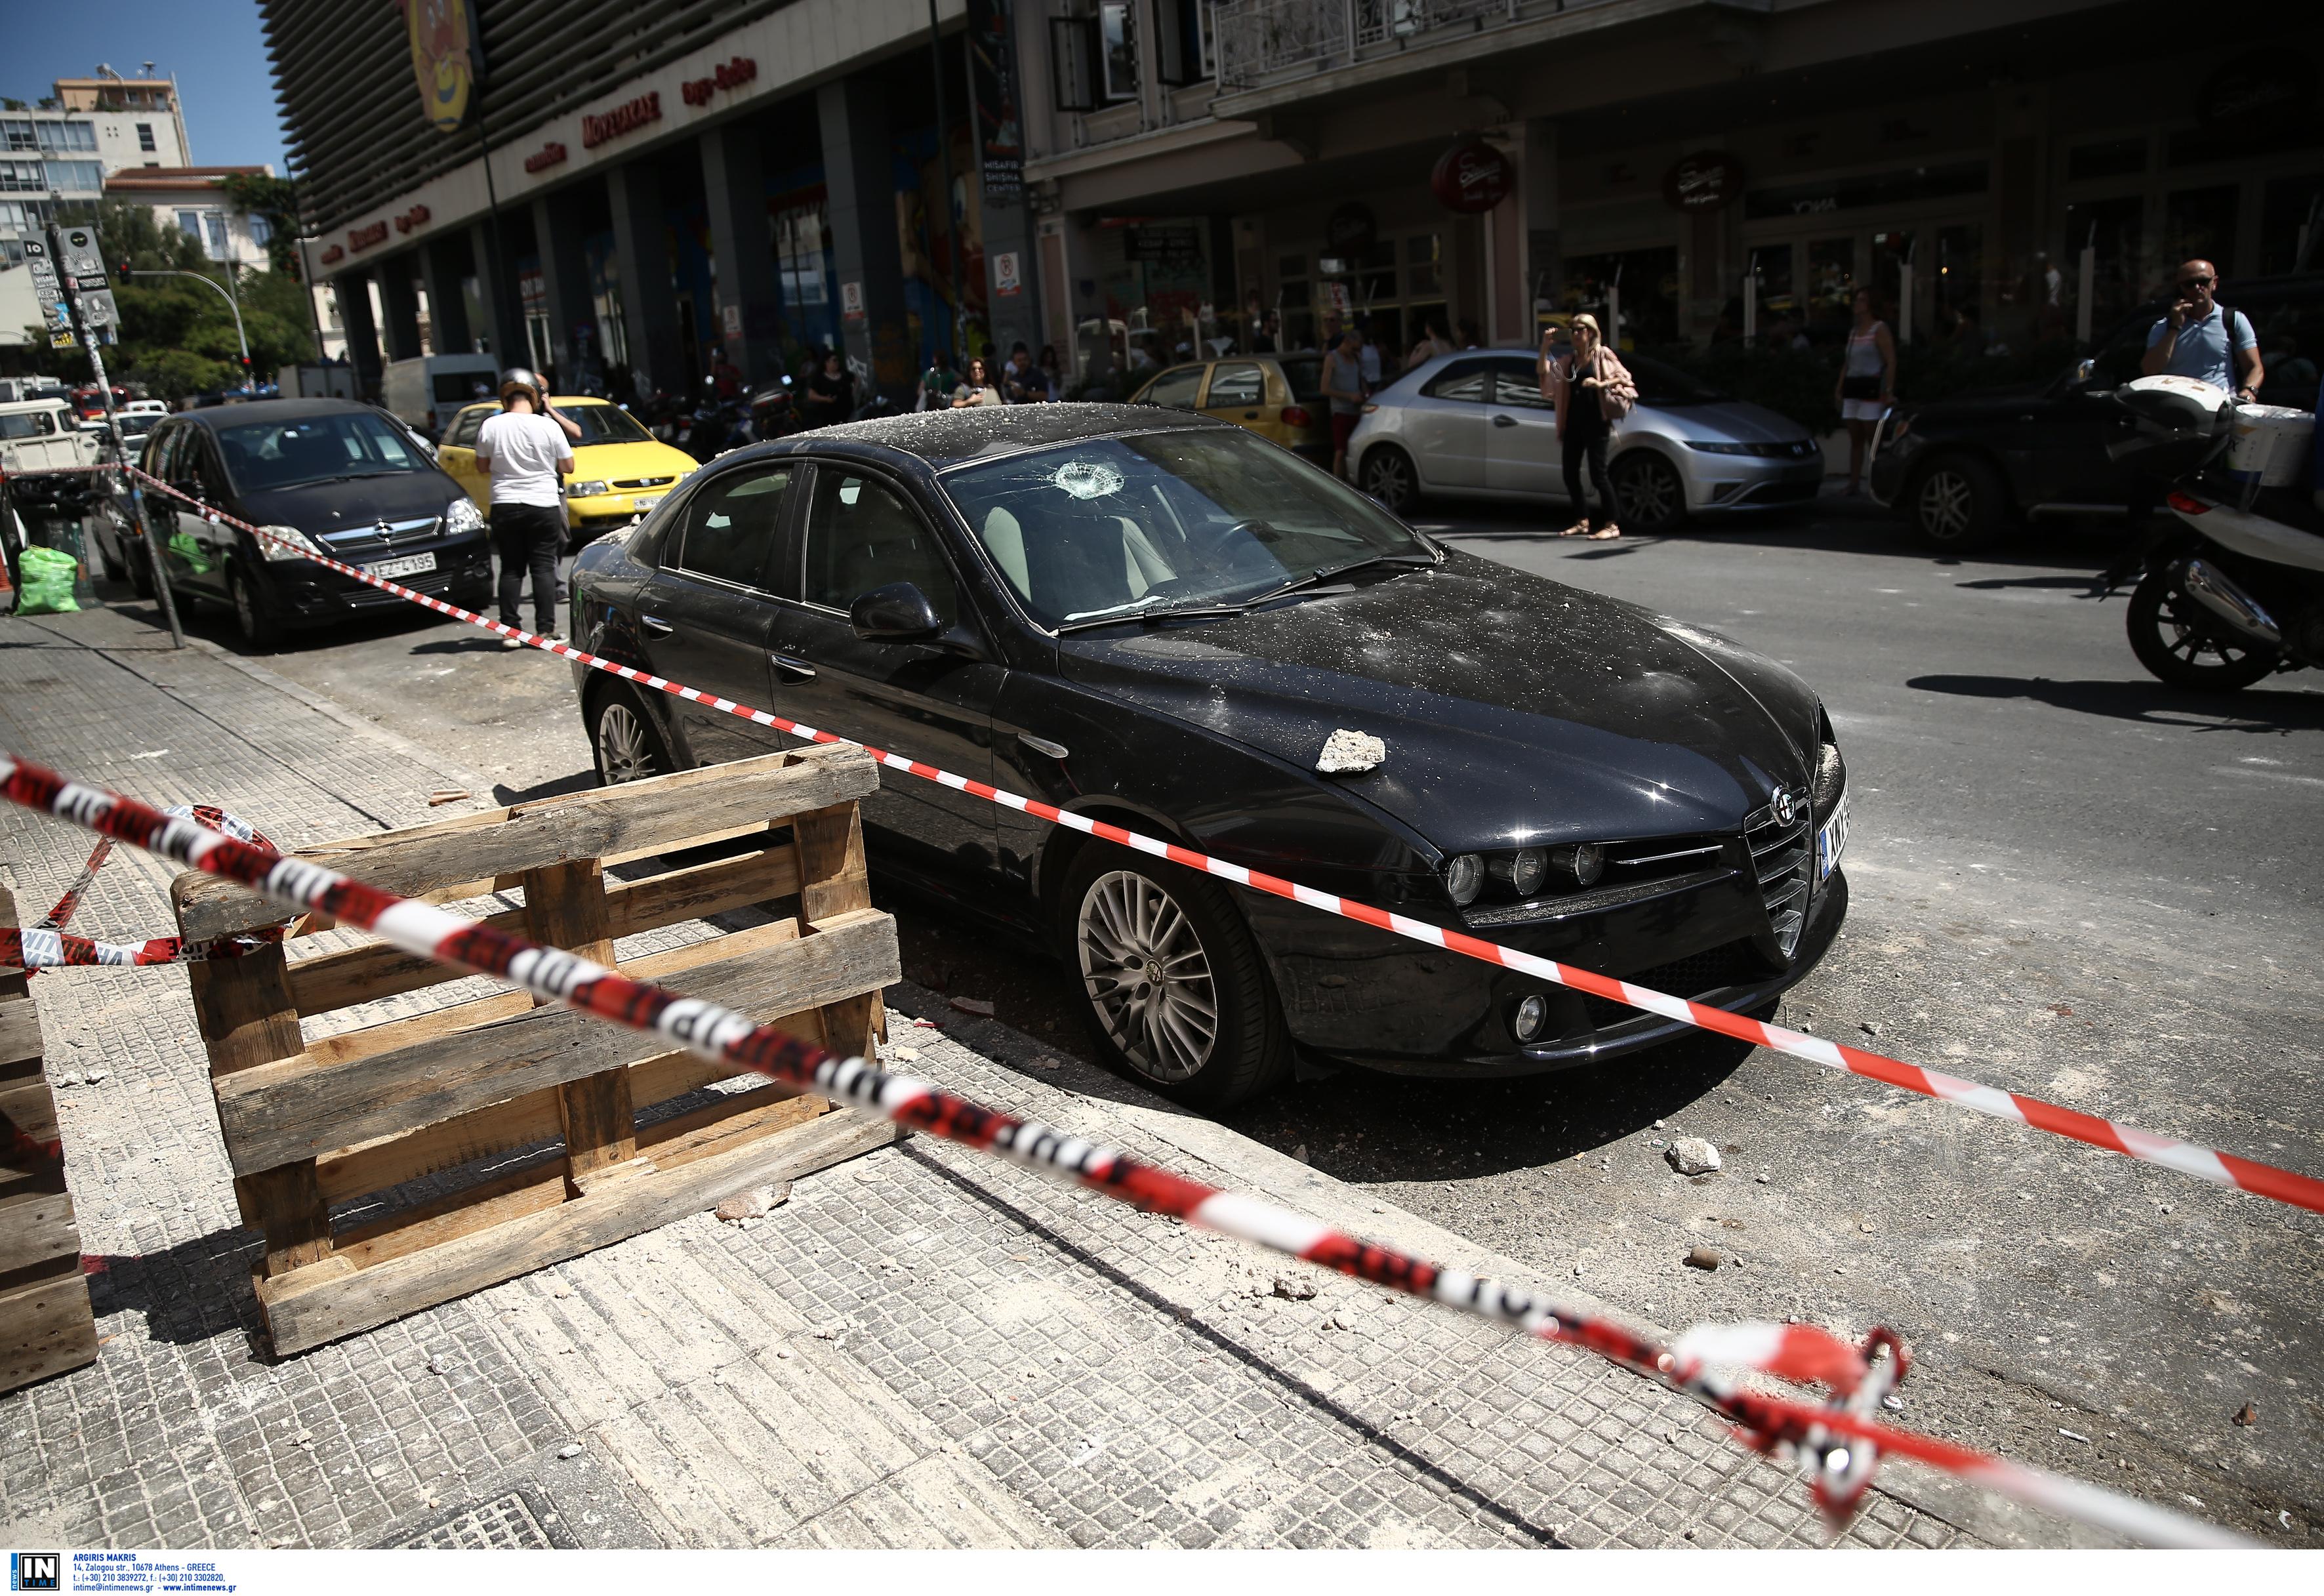 """Τι αναφέρουν οι σεισμολόγοι για το χτύπημα του Εγκέλαδου στην Αθήνα - """"Μπορεί να πλησιάσουν τα 5 Ρίχτερ οι μετασεισμοί"""""""